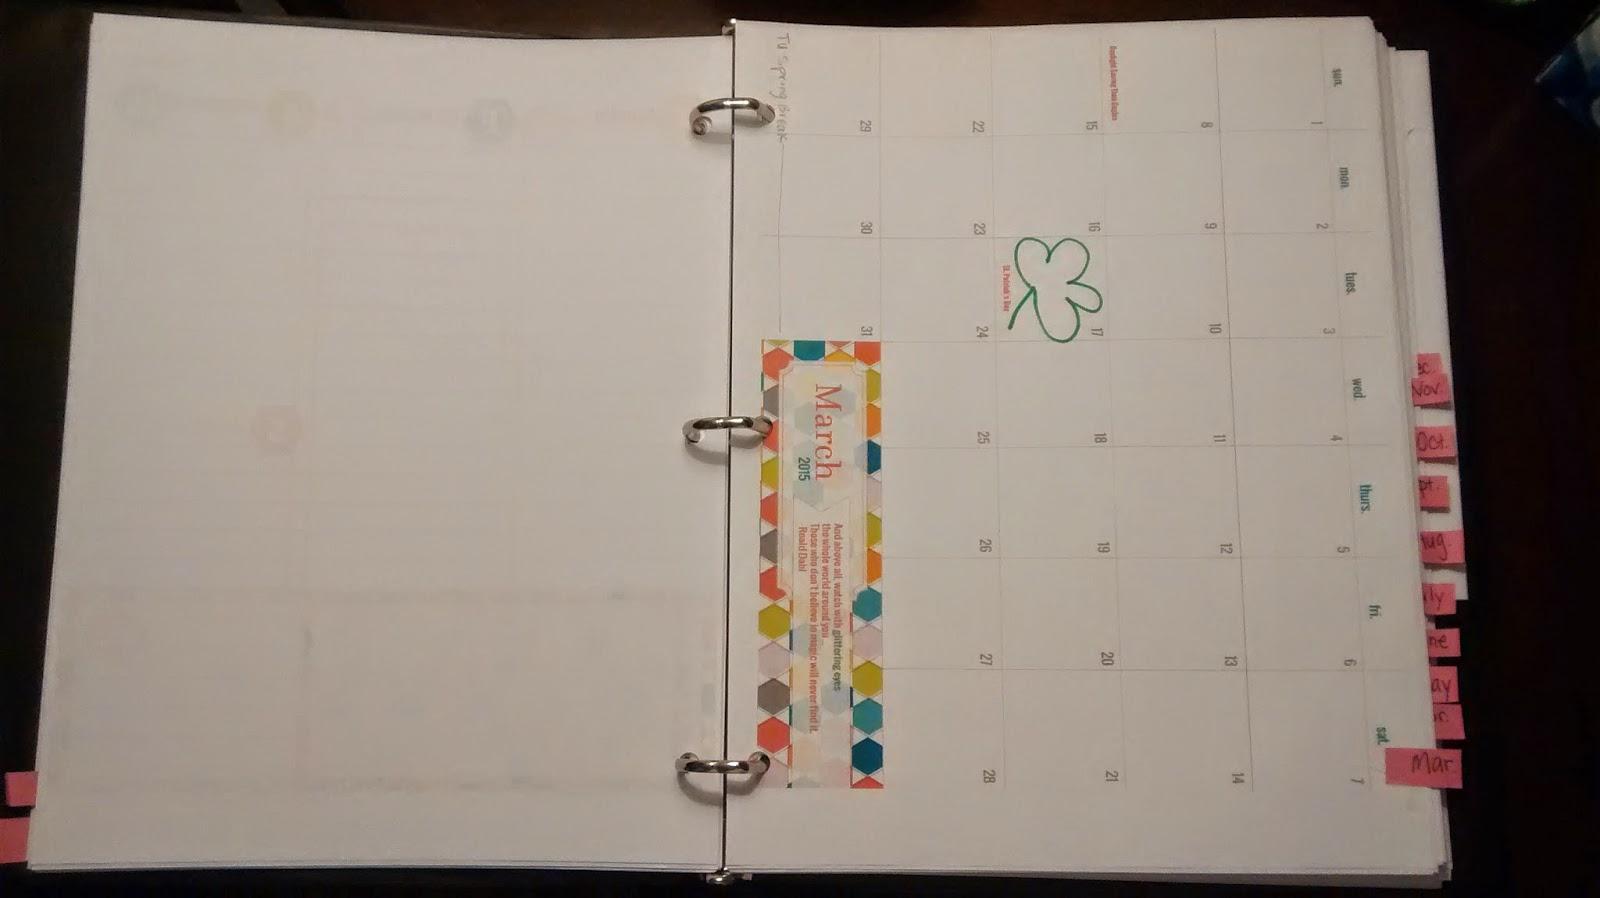 Homemade Calendar Cover : For the love of poland homemade planner